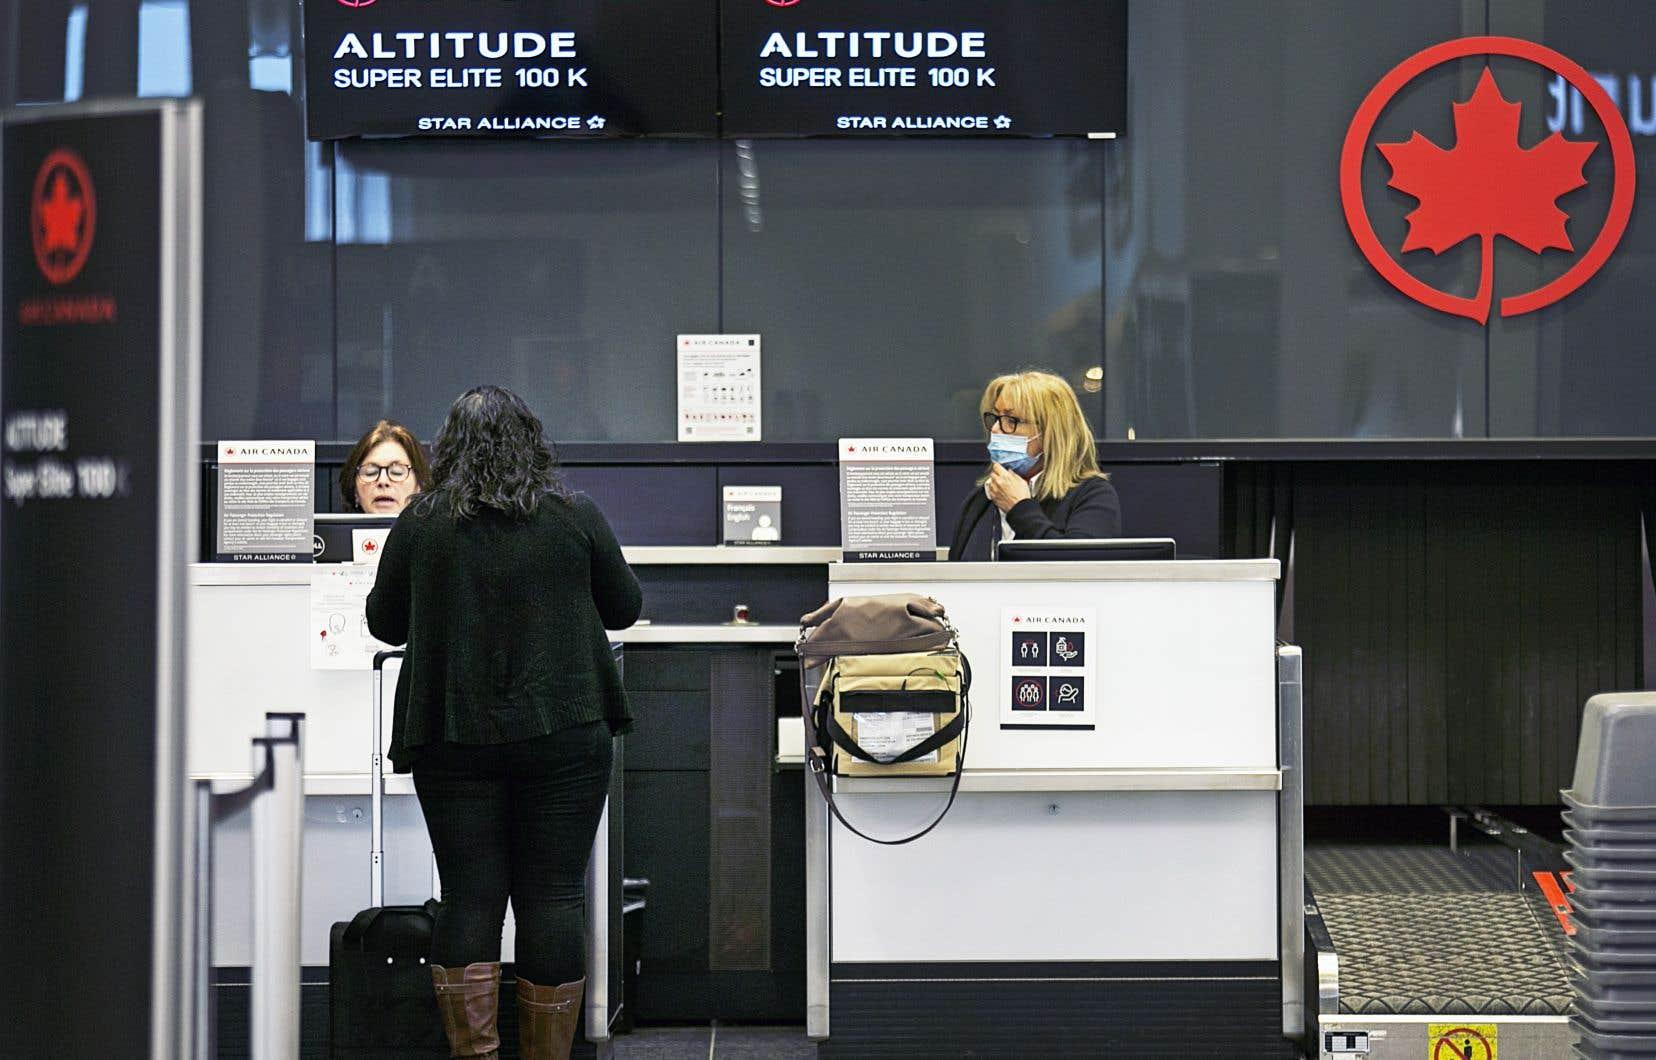 Cette autre vague de mises à pied chez Air Canada, qui avait supprimé 20 000 postes au printemps dernier, survient à la suite du dernier tour de vis du gouvernement Trudeau envers les voyages internationaux.